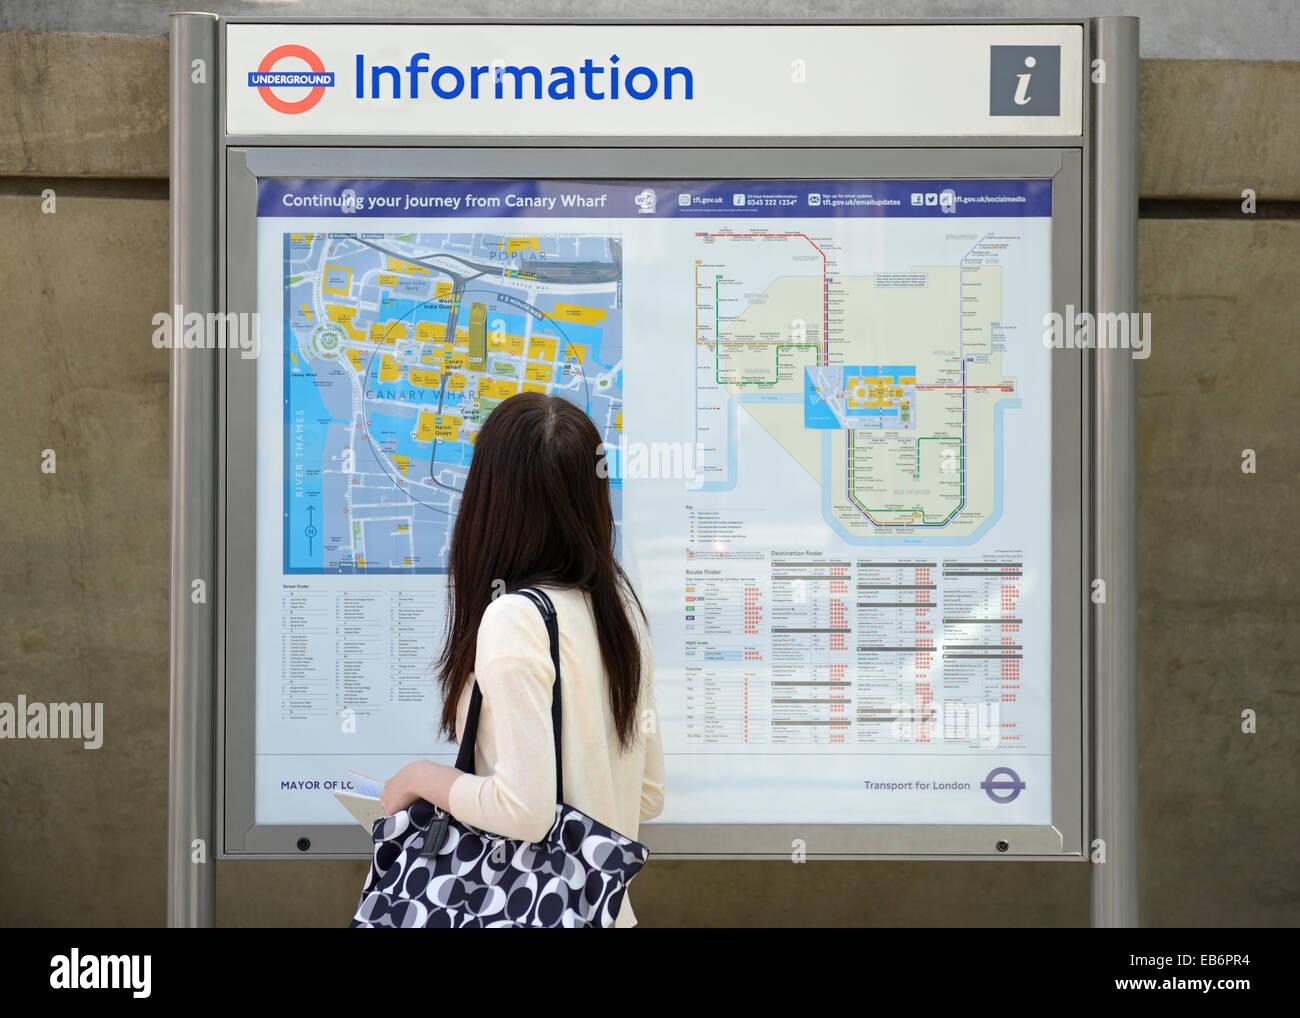 Femme regardant une carte de la ville avec l'information de voyage, Canary Wharf, London, UK. Photo Stock